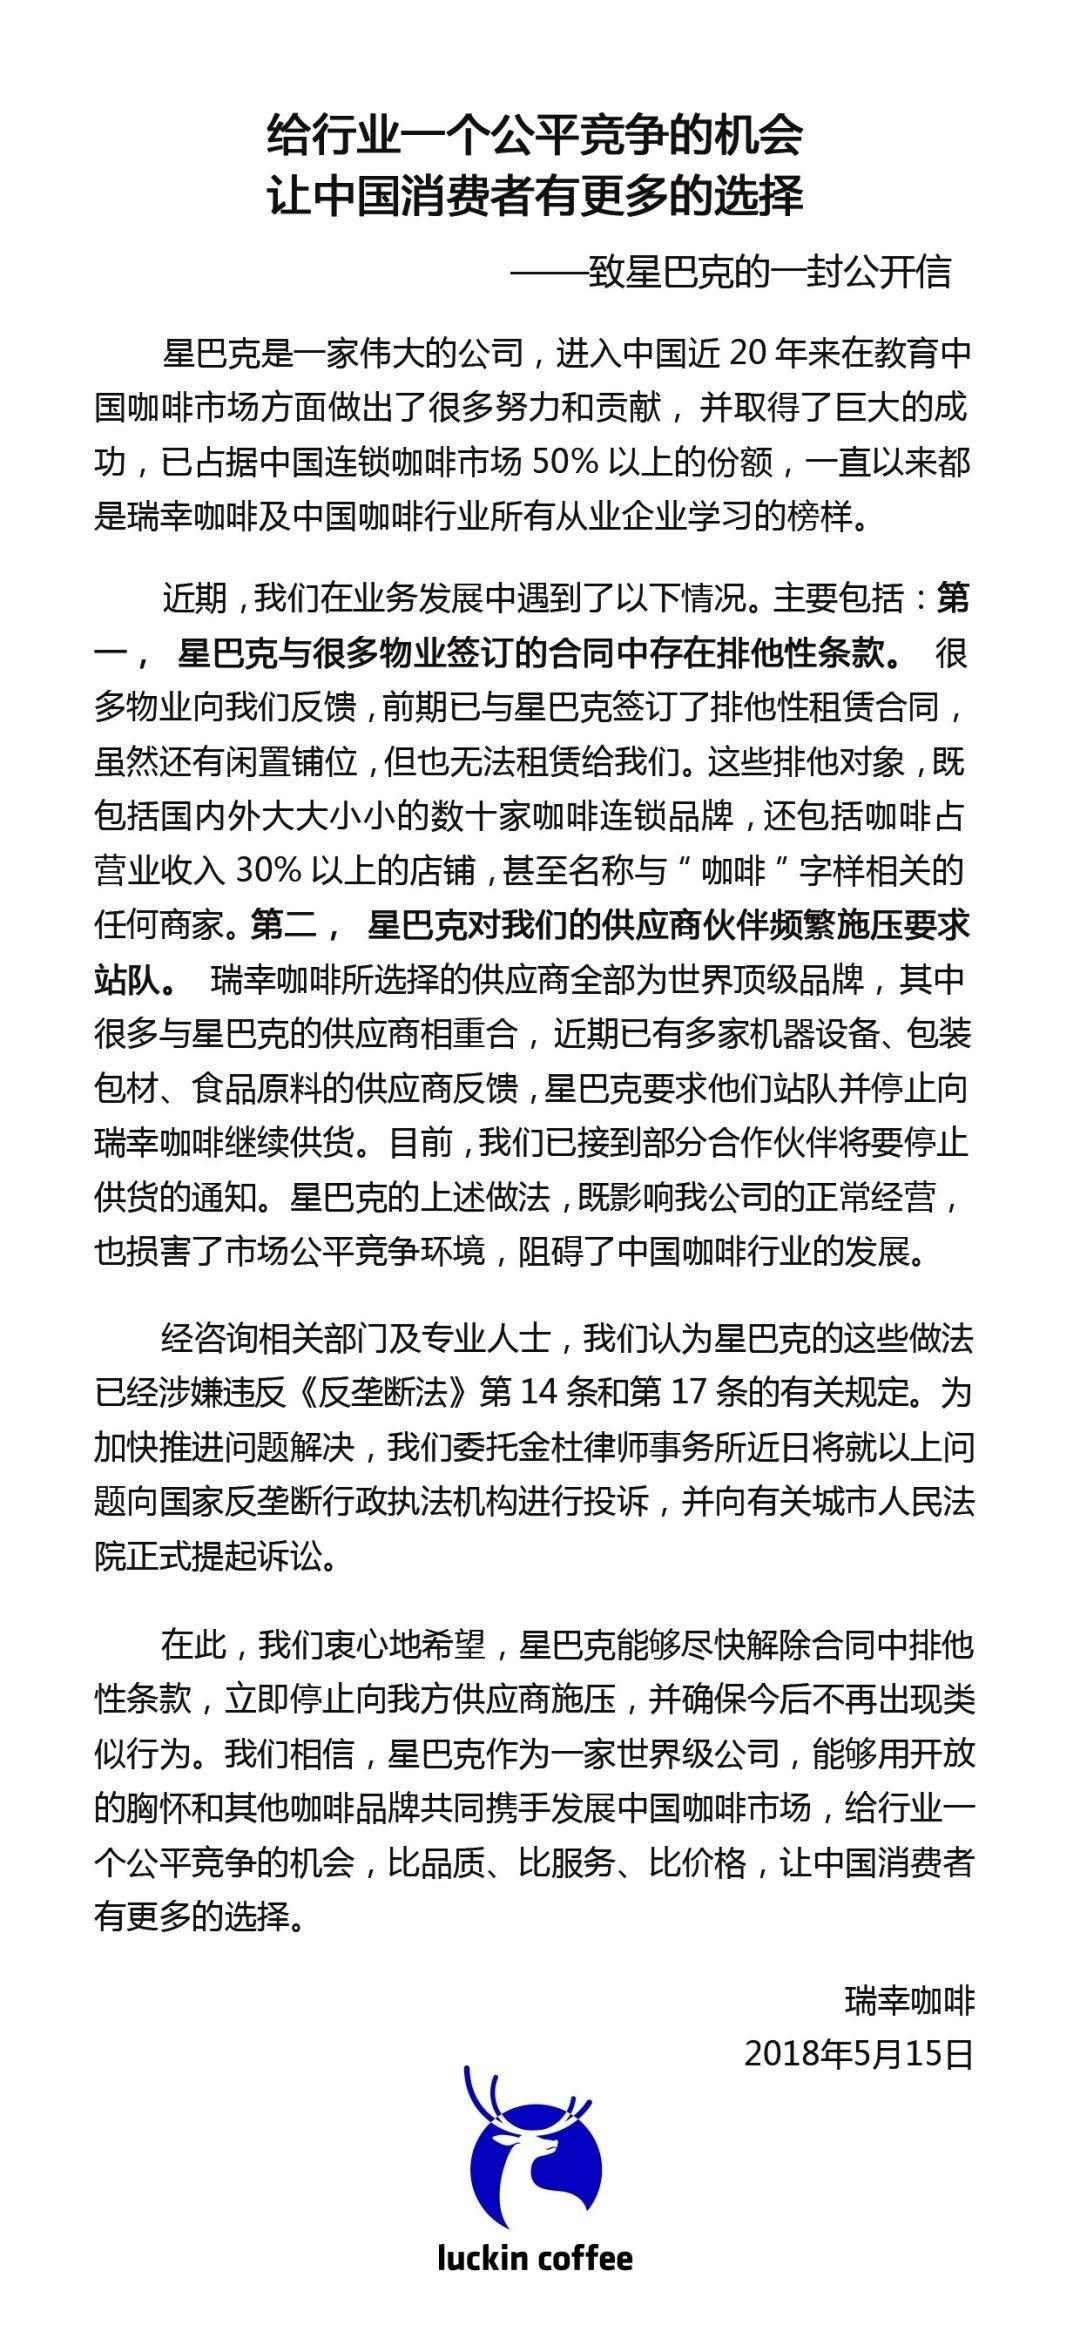 """星巴克中国首次被告,""""星爸爸""""遭遇挑战"""